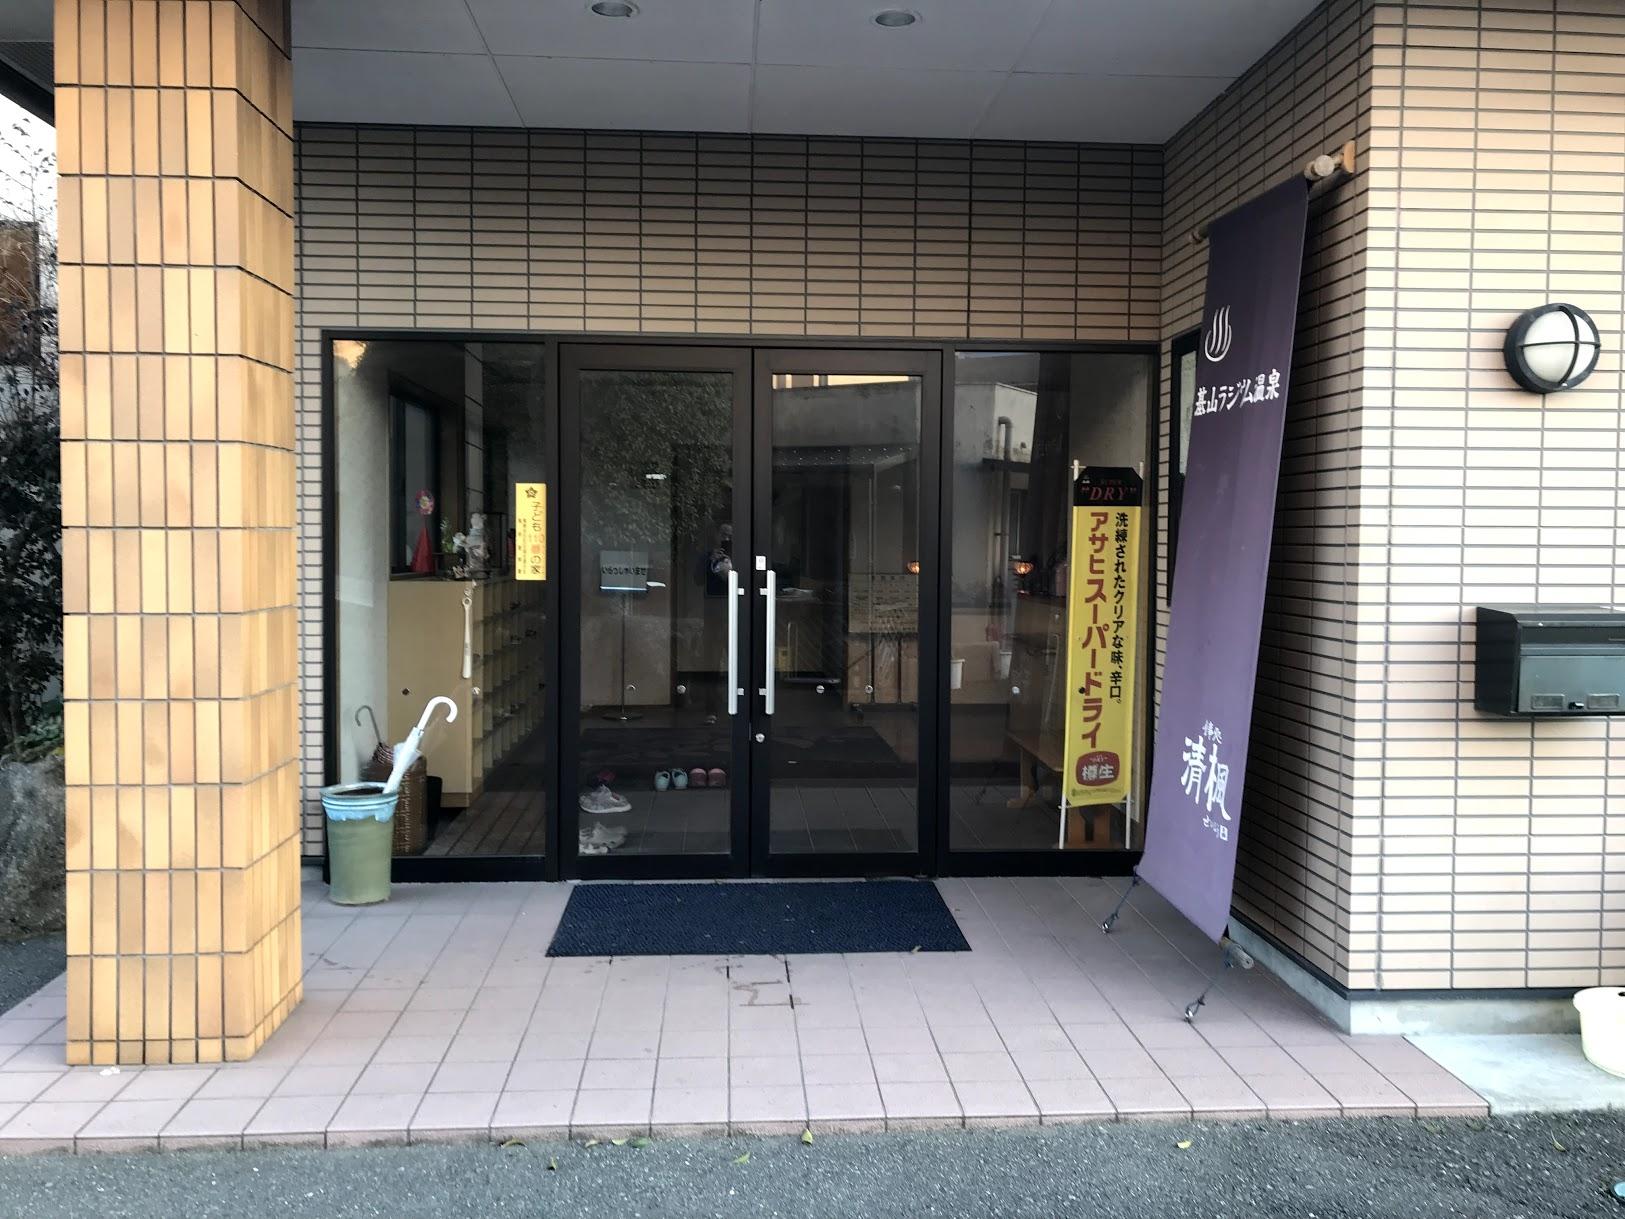 佐賀県(三養基郡基山町)・基山ラジウム温泉〜ひとりきり〜